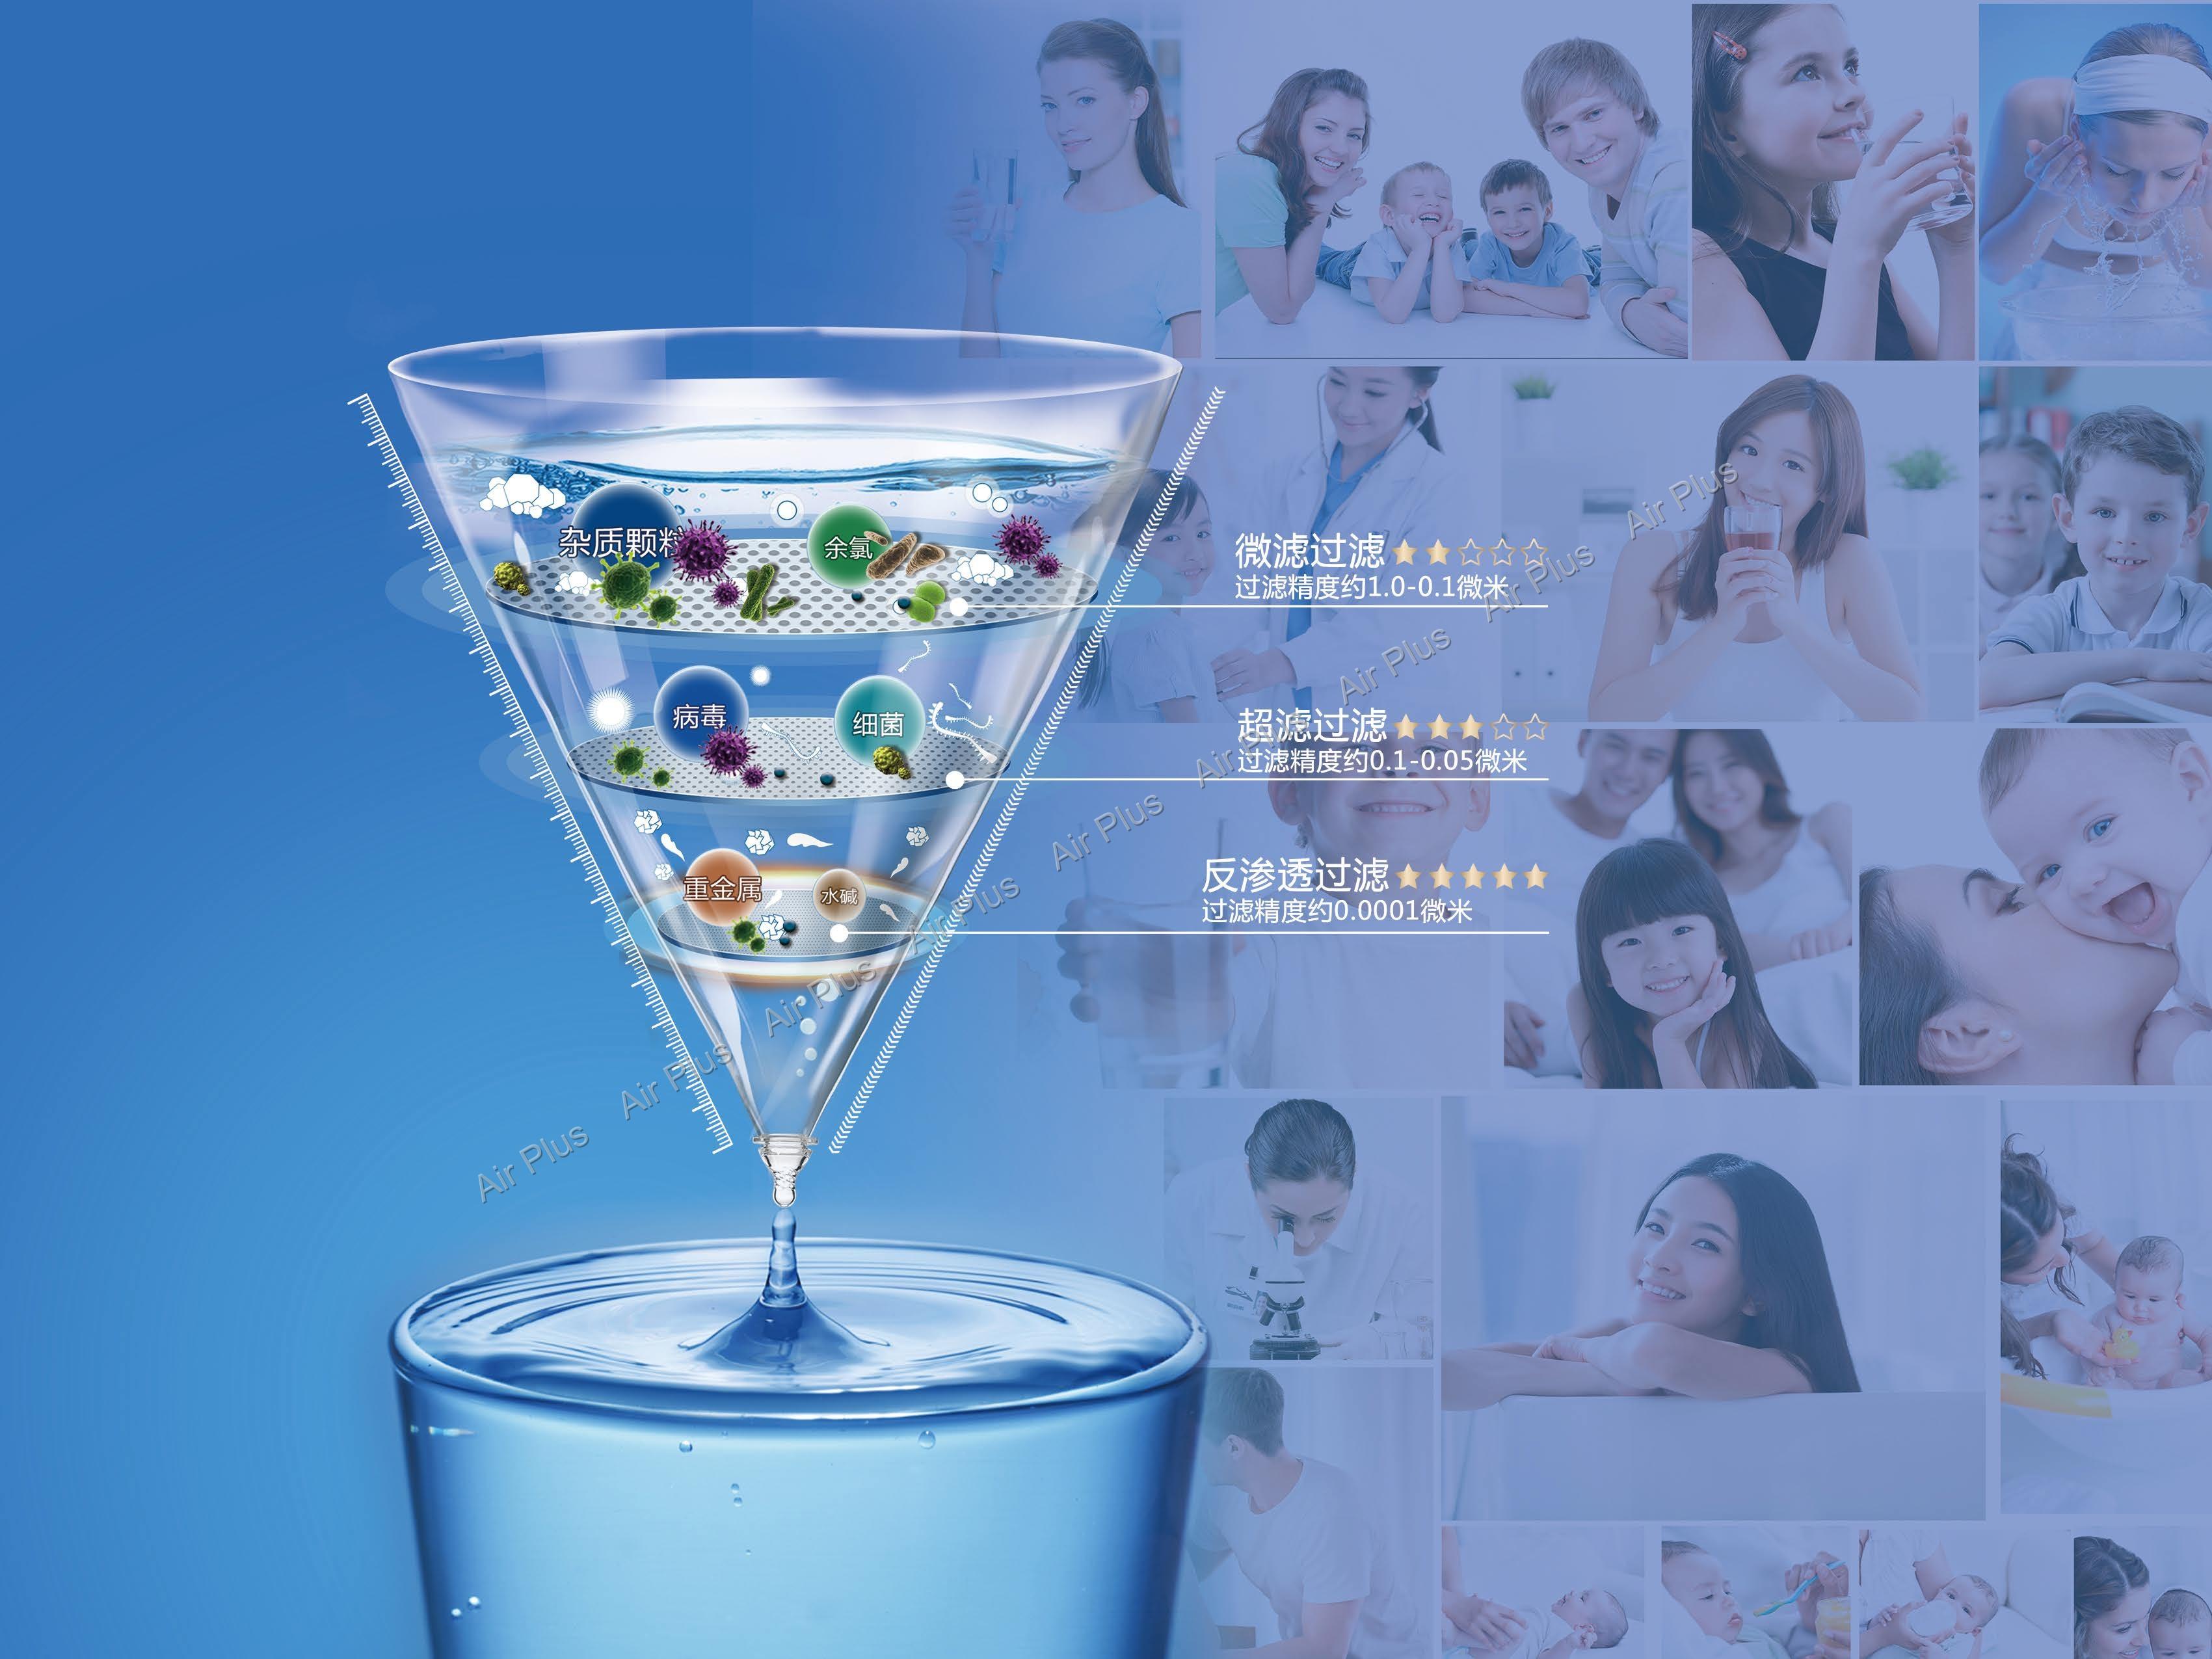 A.O.SMITH商用净水产品手册 手机端(1)_页面_11.jpg